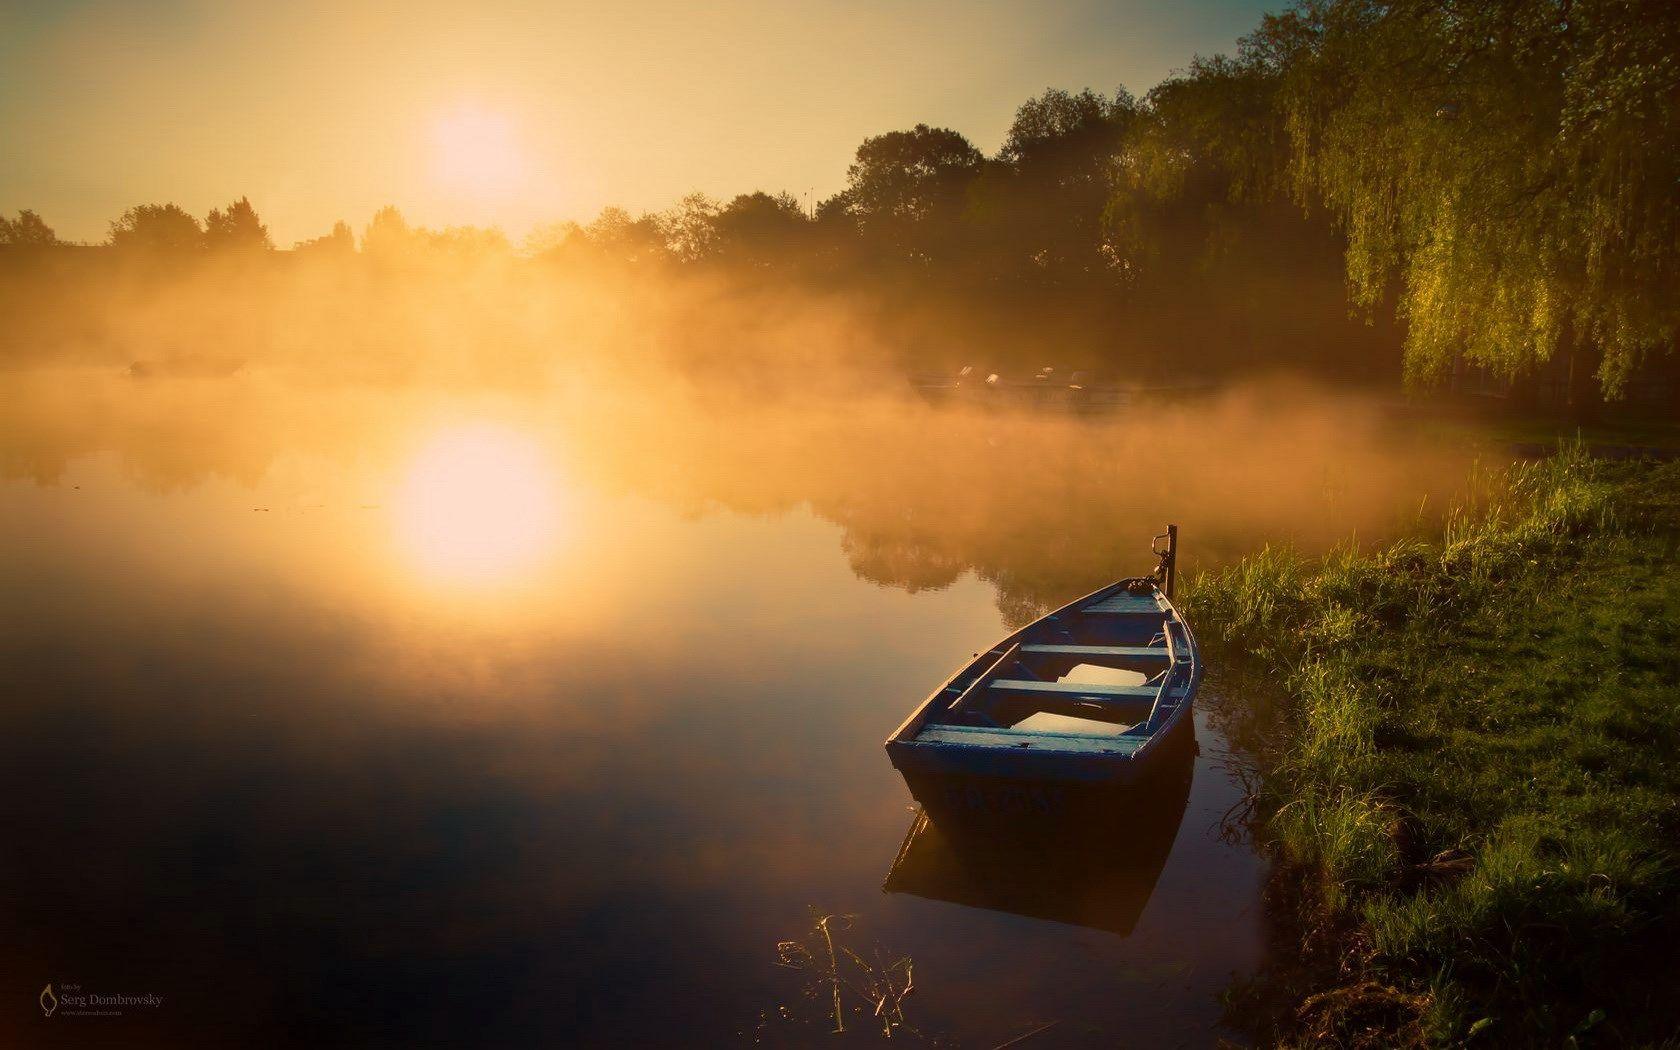 1680x1050 px Free Awesome lake image by Narelle Bush for  - pocketfullofgrace.com